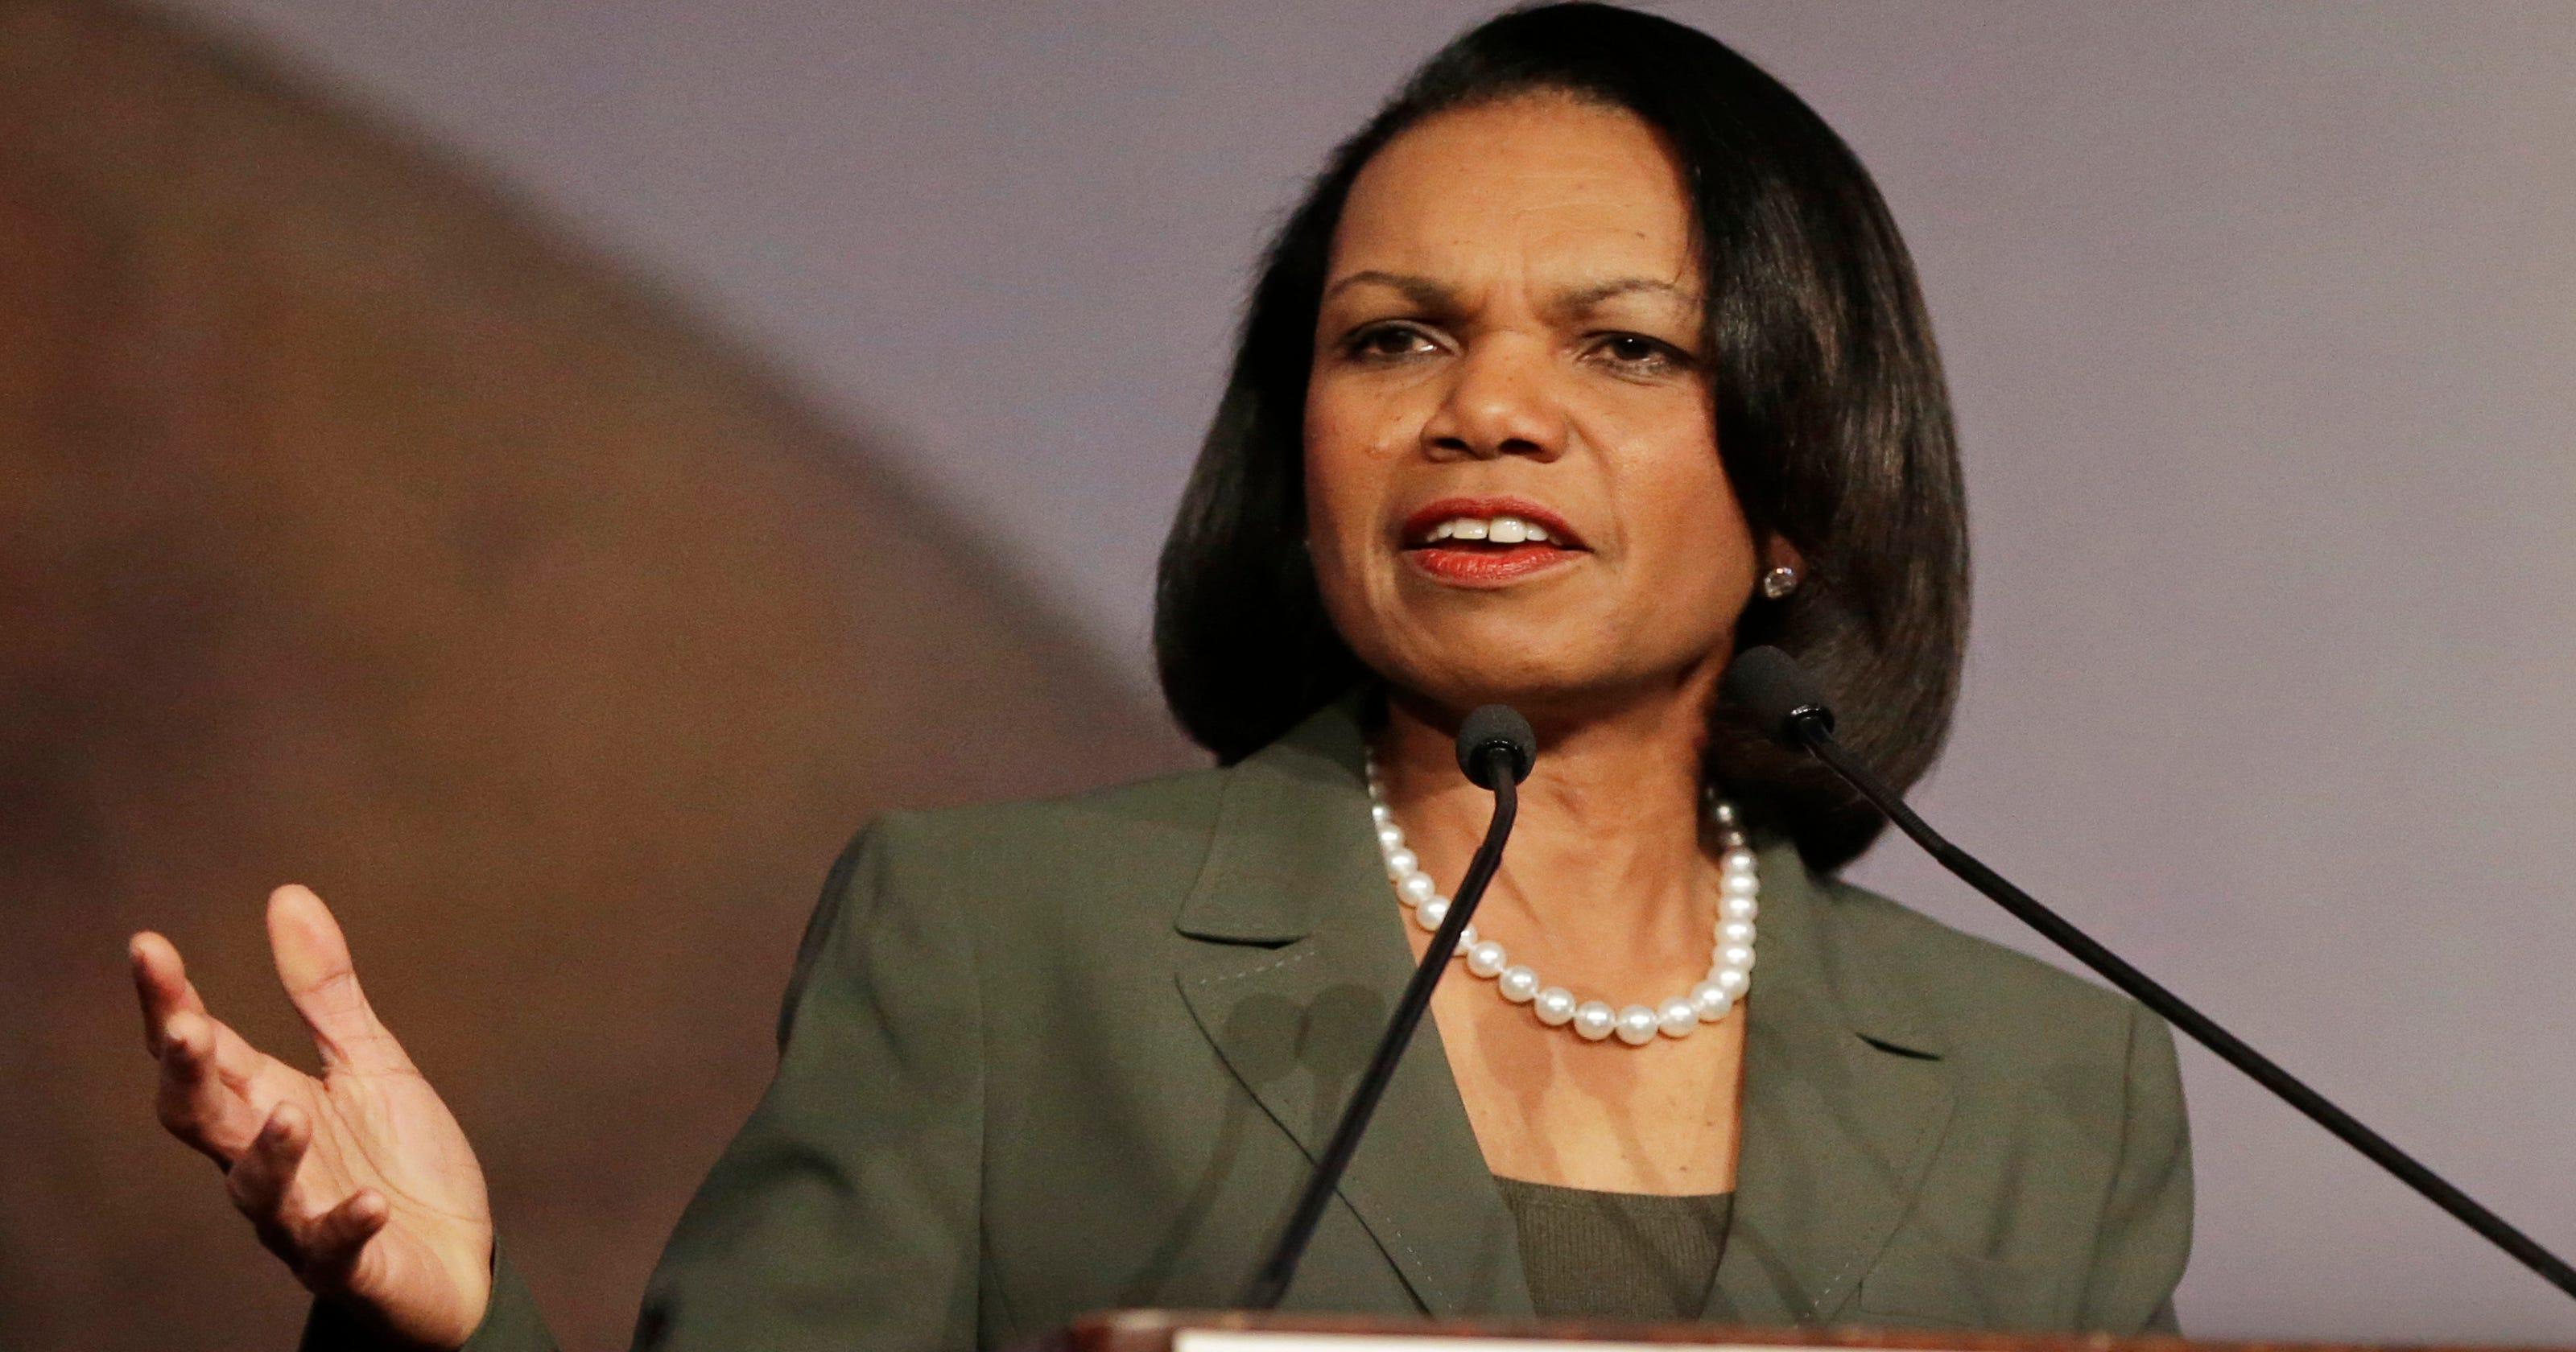 Former Secretary of State Condoleezza Rice endorses Blackburn's bid for the US Senate